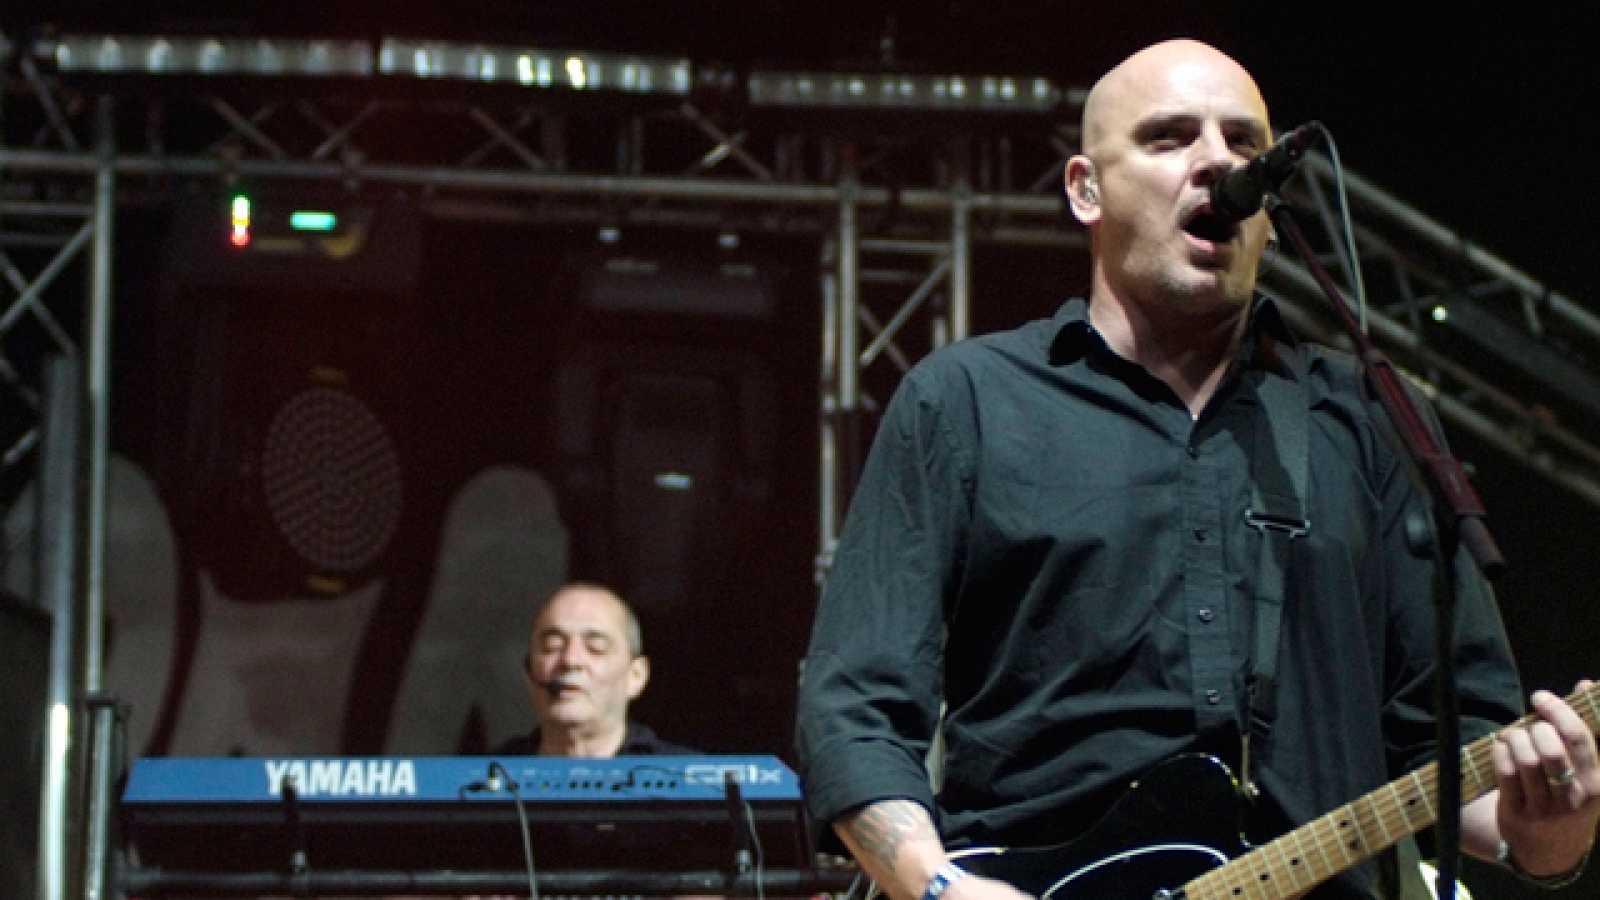 En plena forma, The Stranglers tomaron el viernes el escenario Fiberfib.com para presentar un repertorio clásico plagado de buen guitarreo rock (15/07/11).